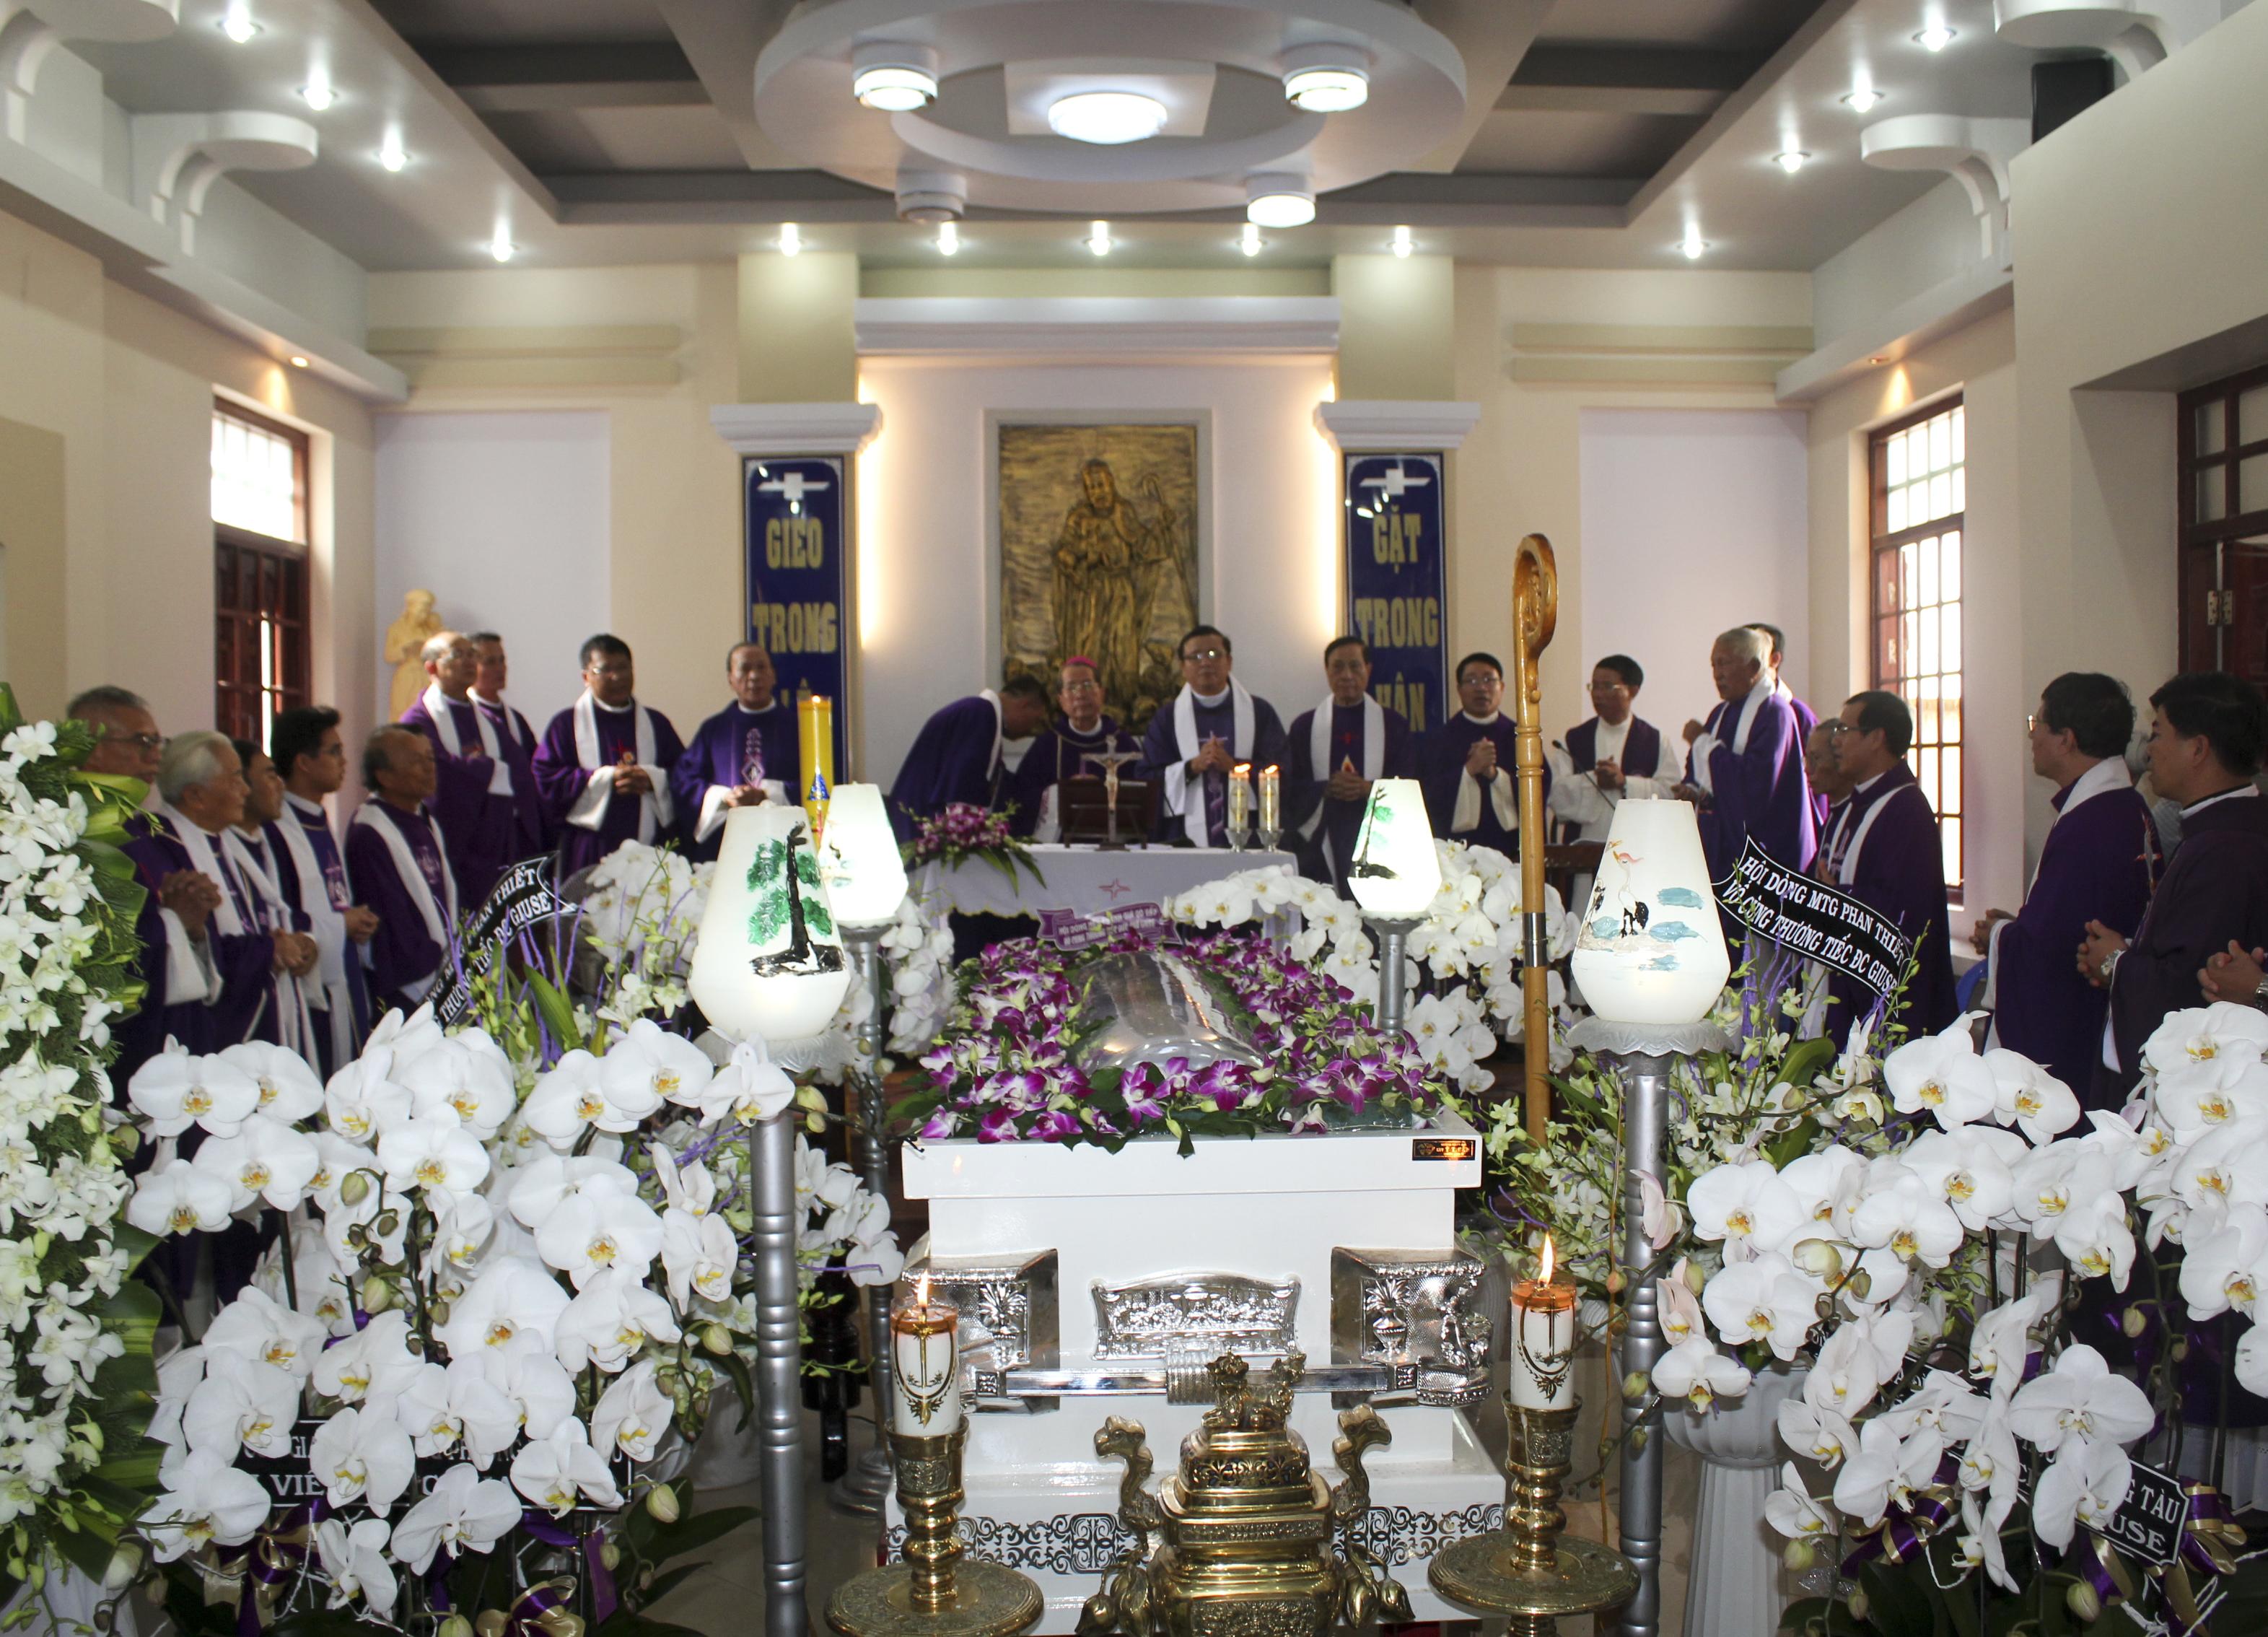 THÔNG VI VU Với Giáo Xứ Tân Thái Sơn (CHA ƠI)